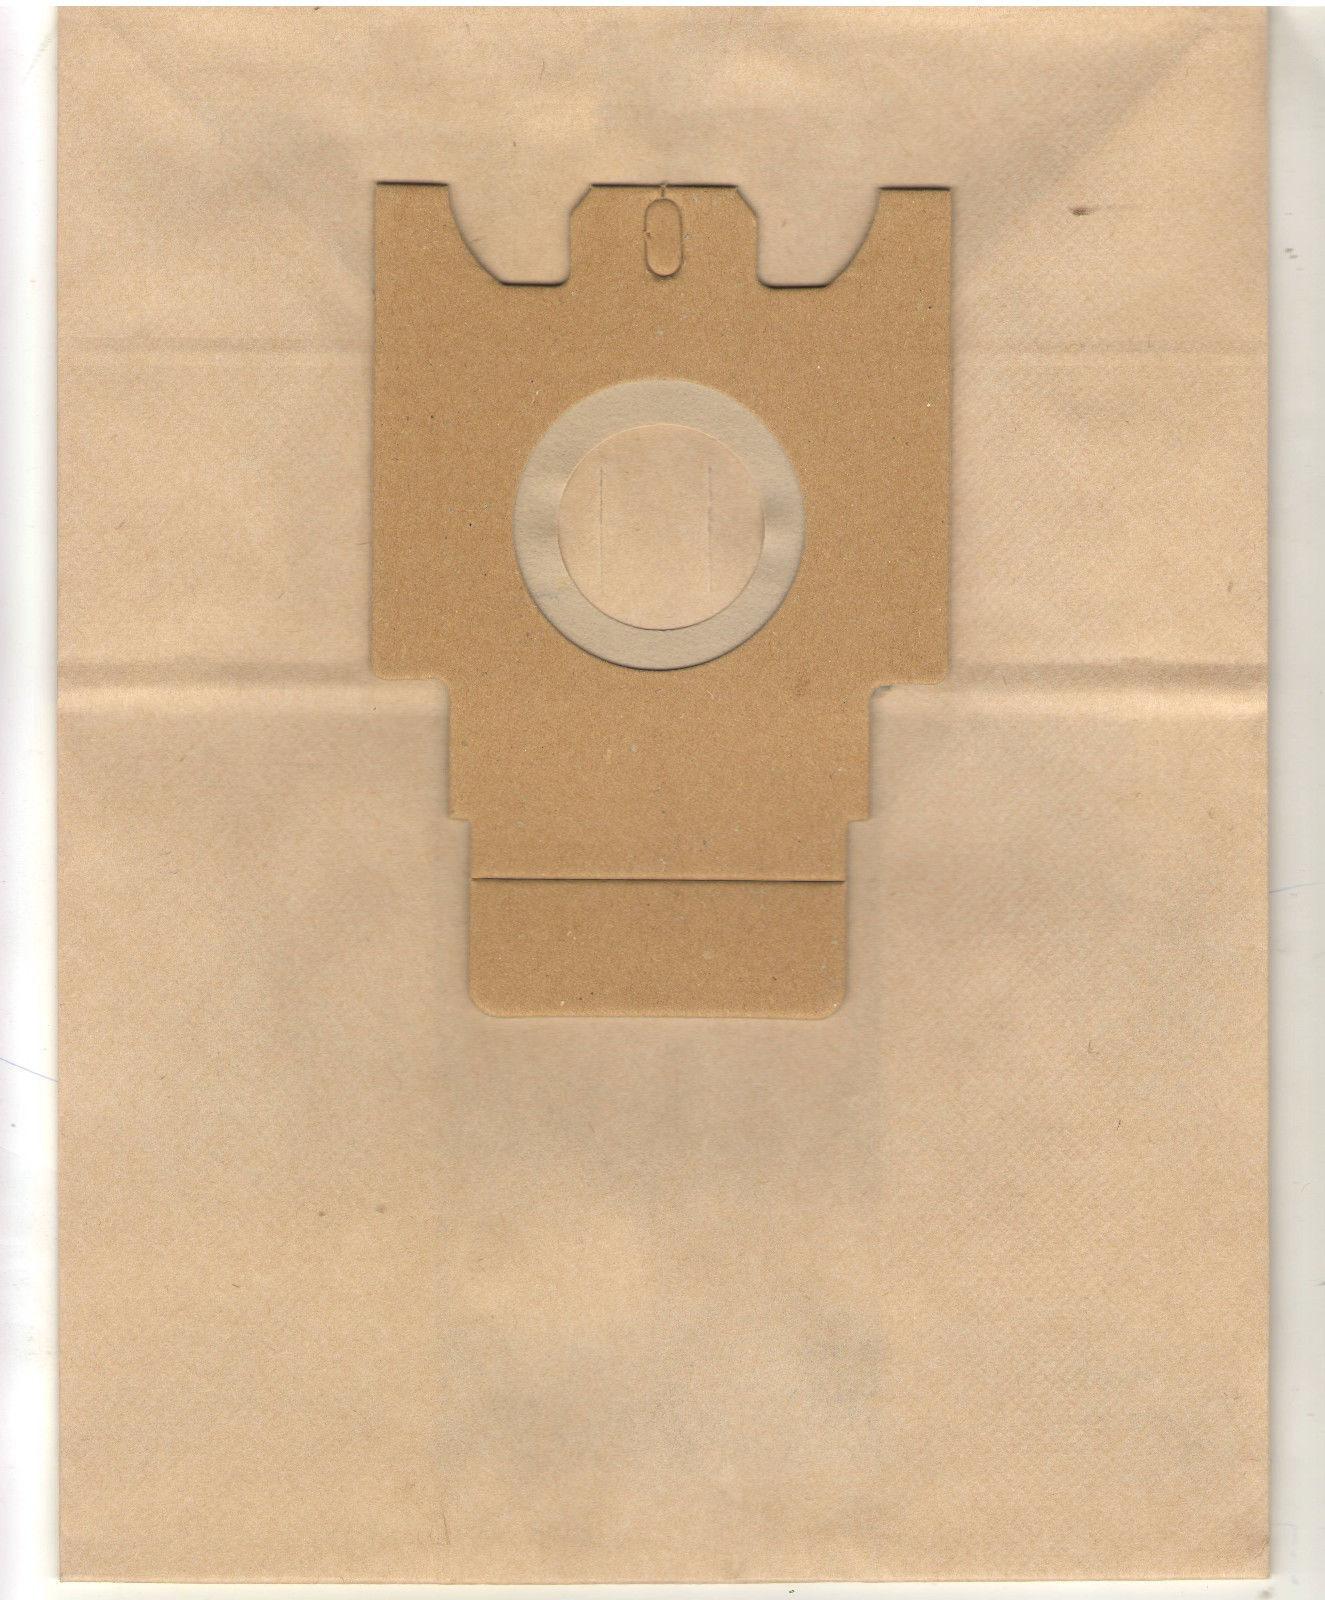 Mfhv29 8 Sacchi Hoover compatibile con tutti I modelli indicati nella Foto